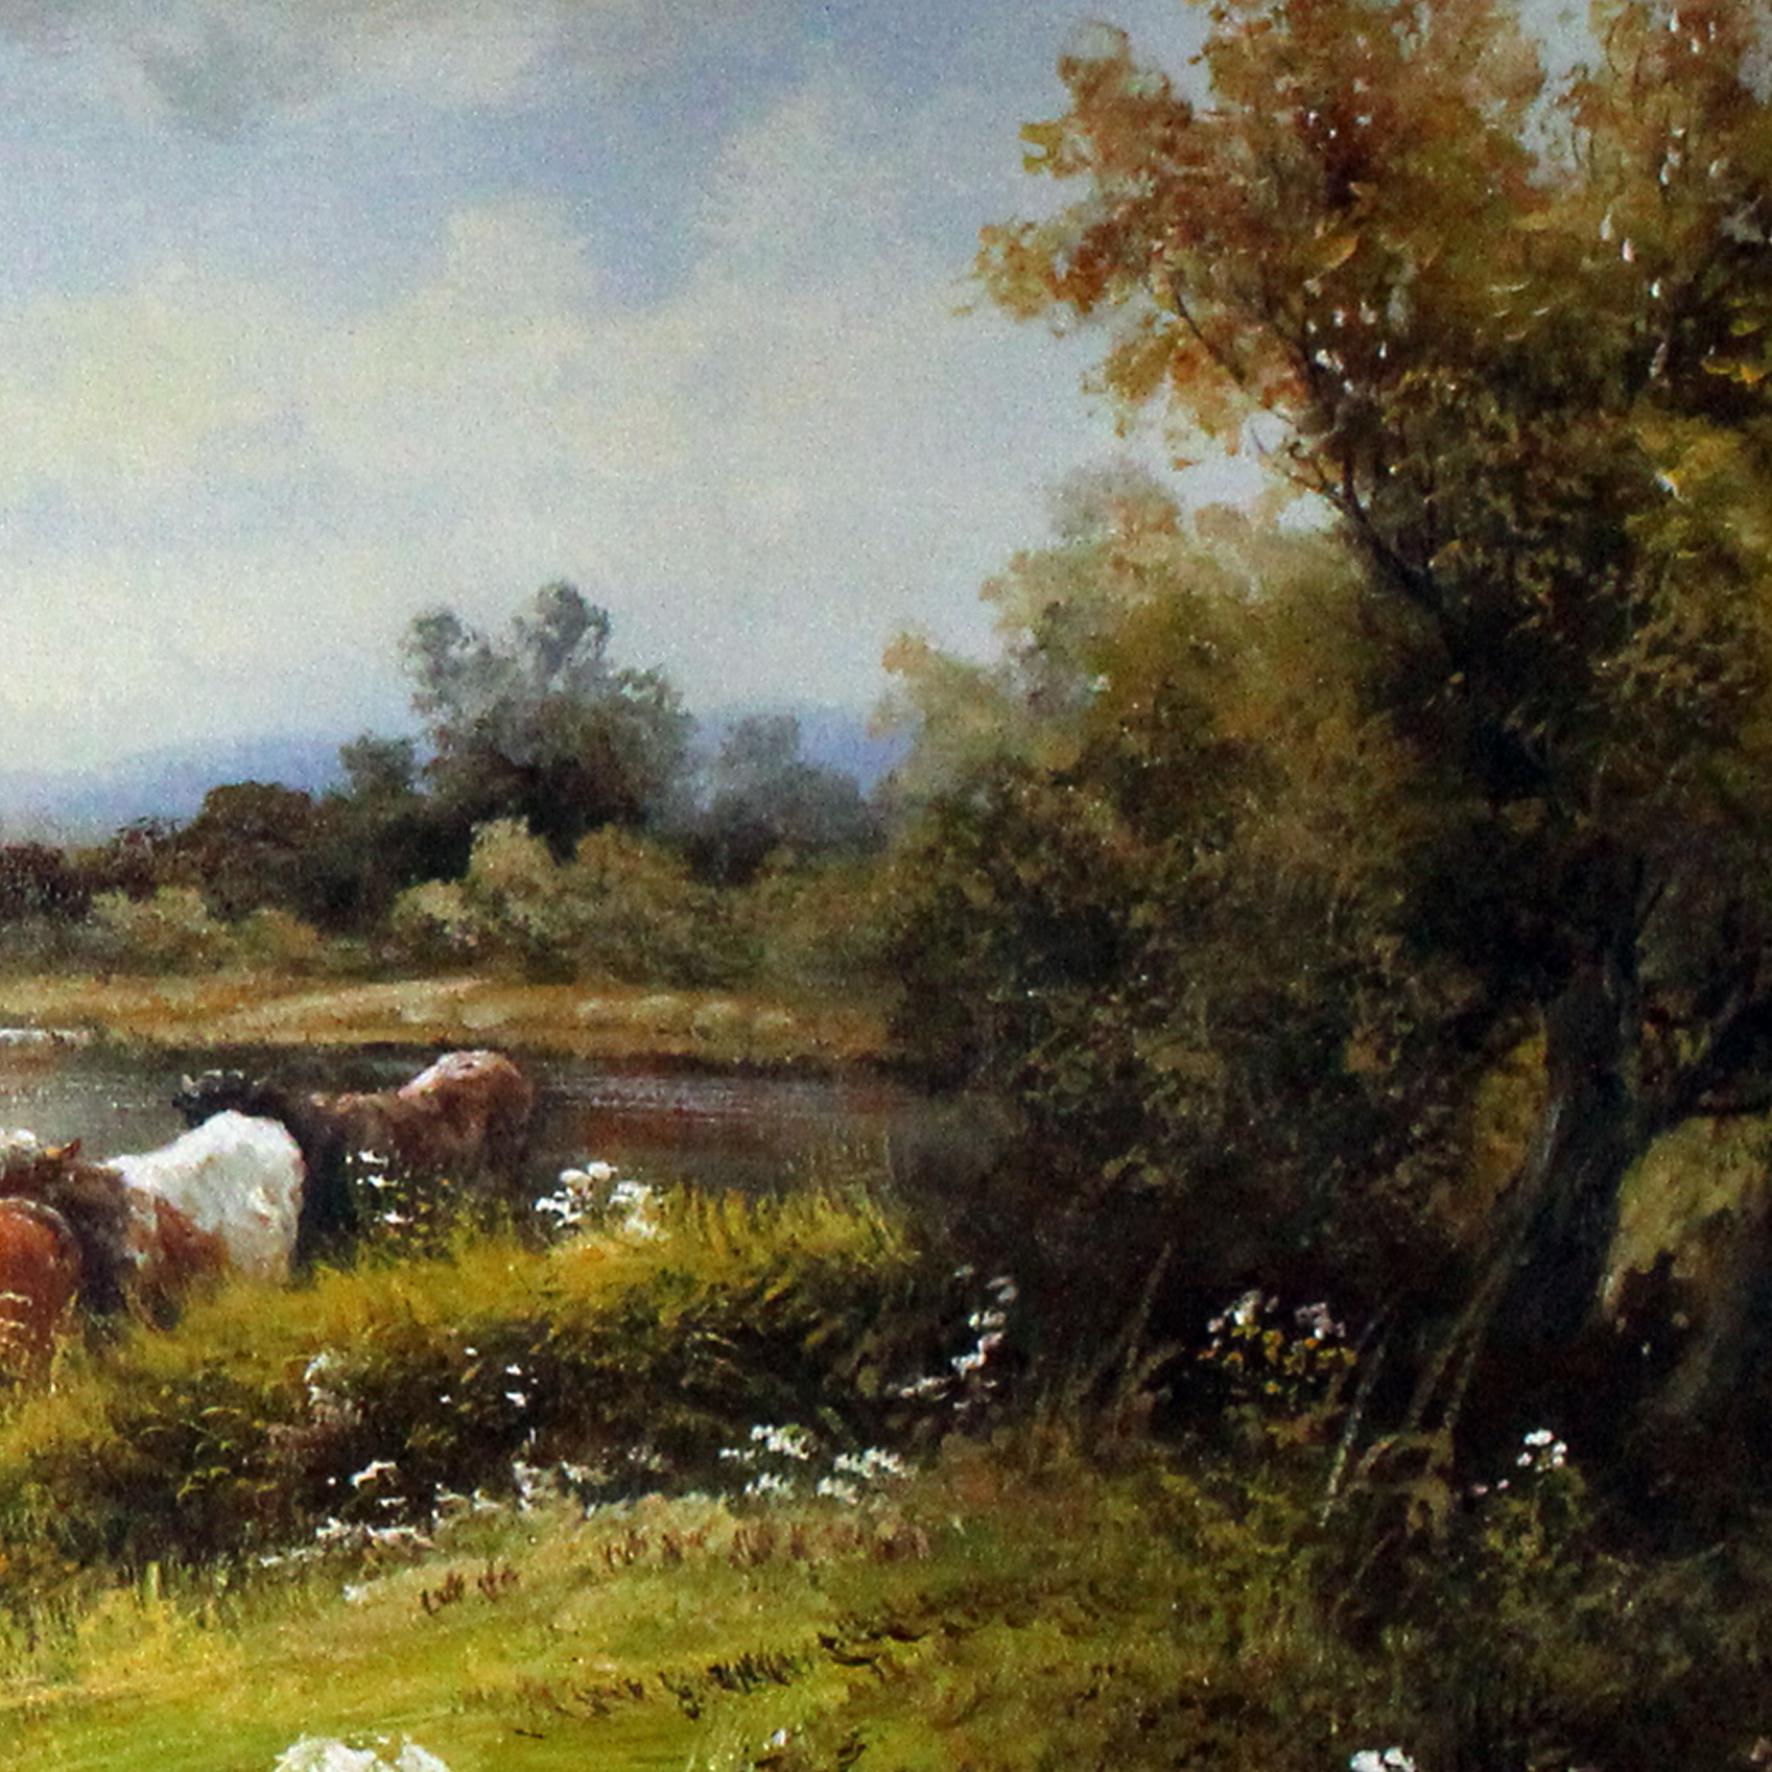 田园风景在 - 苏州半亩(红枫叶)墙绘公司